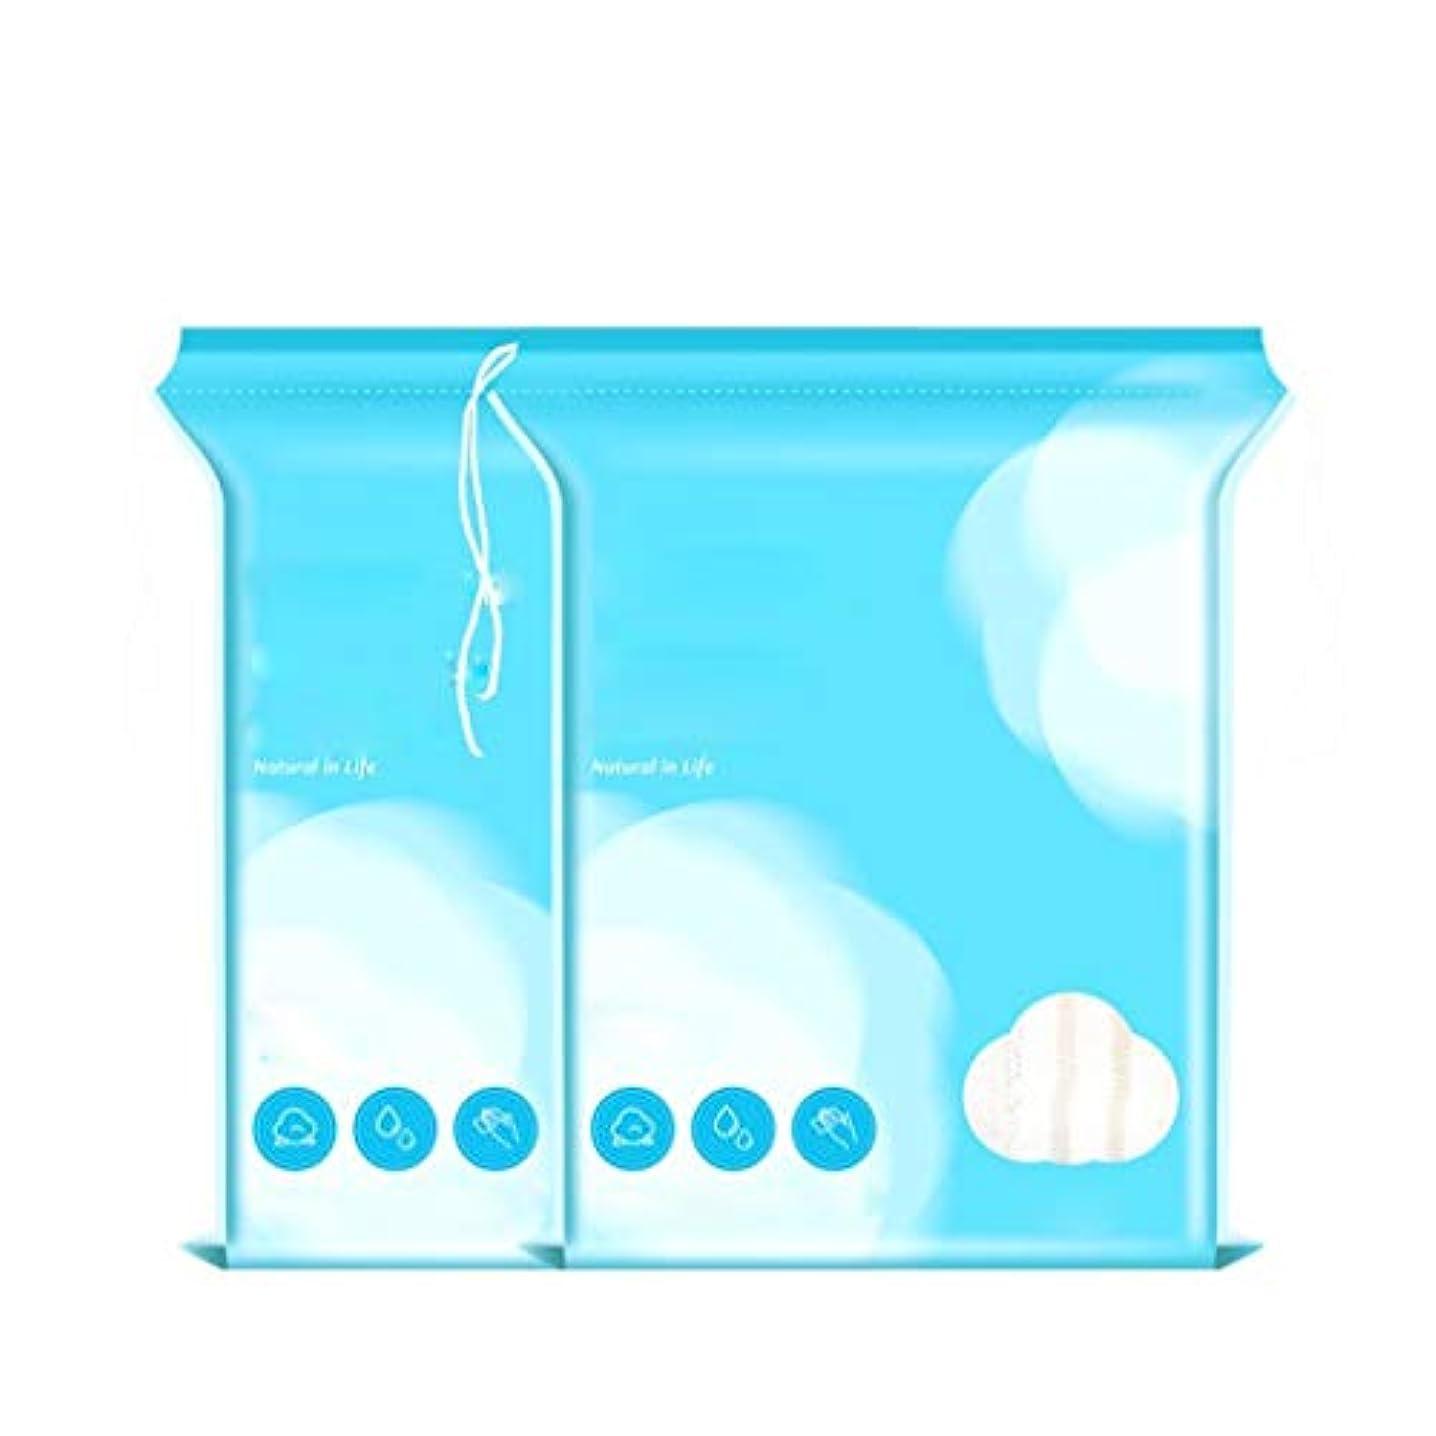 しみ食欲インスタントクレンジングシート コットンパッドクレンジングコットンコットンフェイスディープクレンジングアンロードコットン節水メイク落としコットン (Color : 2 package)